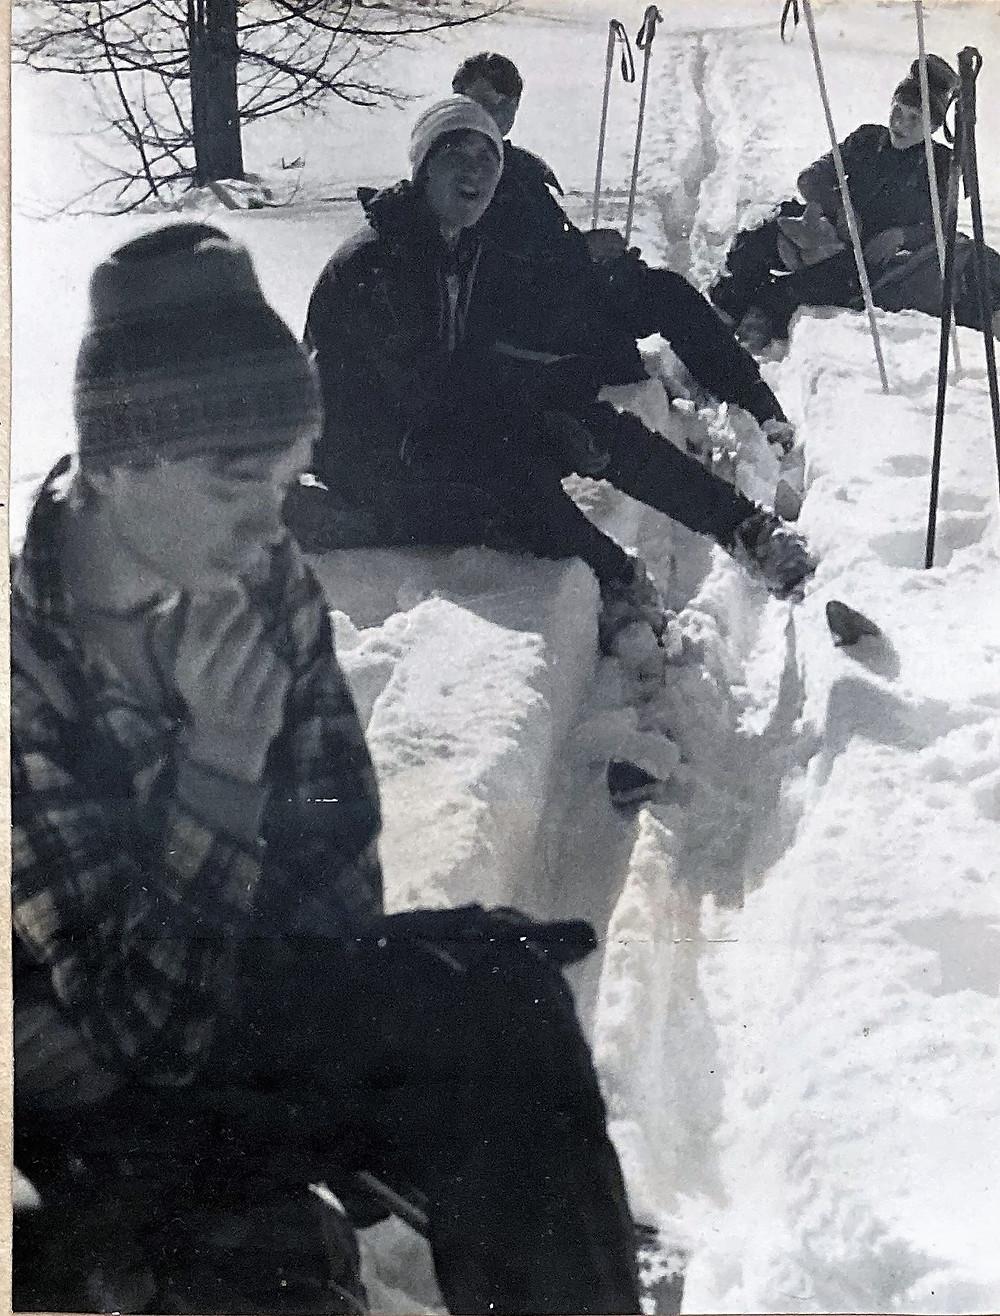 Река Ул  skitour.club  Блог Сергея Чеботова